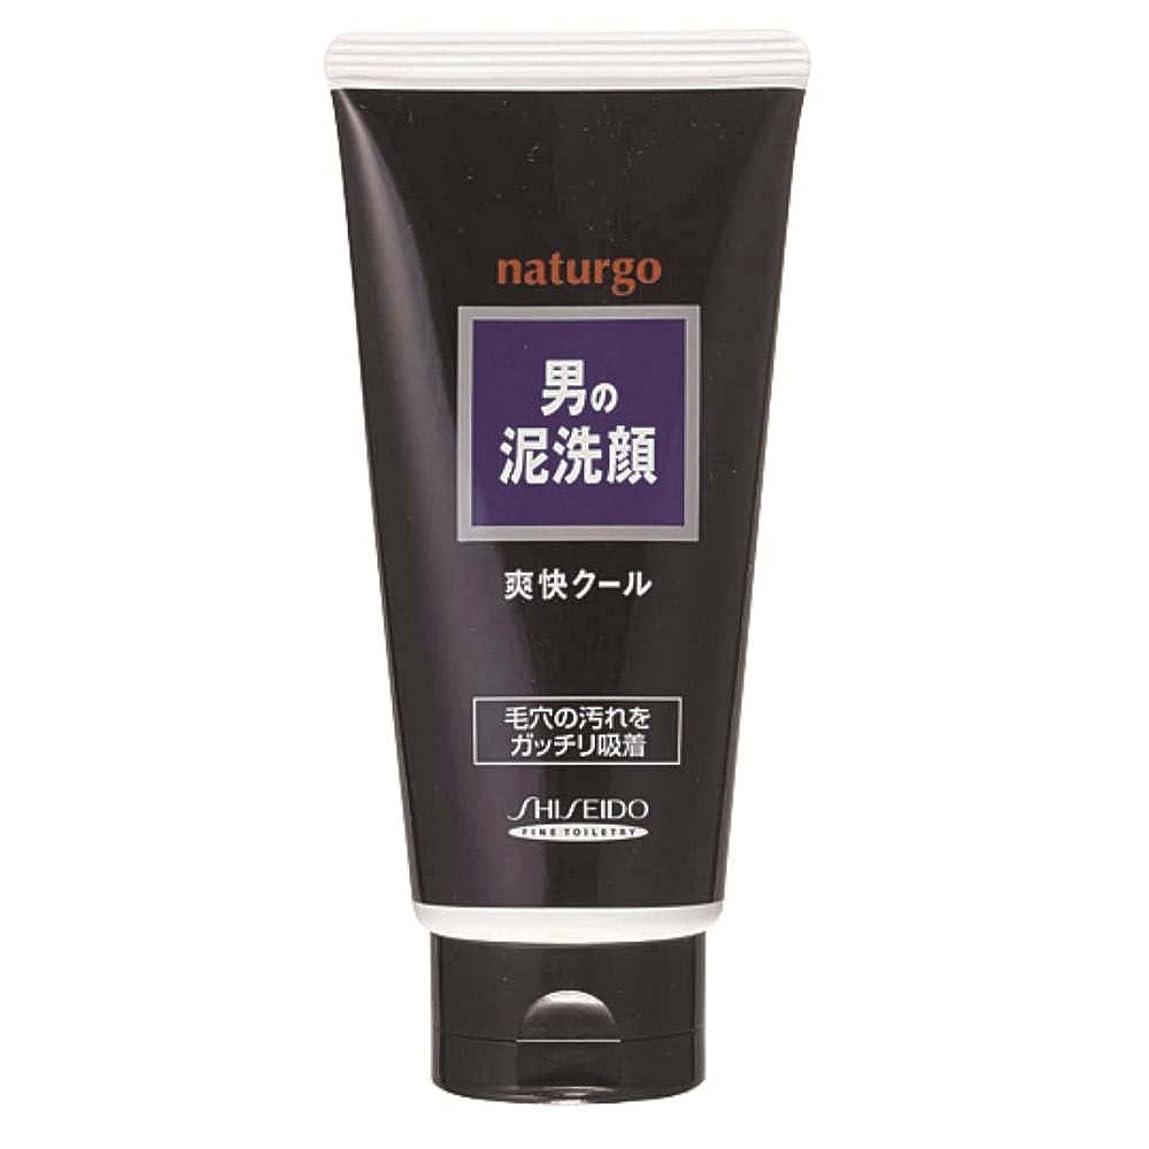 一節く電気的ナチュルゴ メンズクレイ洗顔フォーム黒 130g